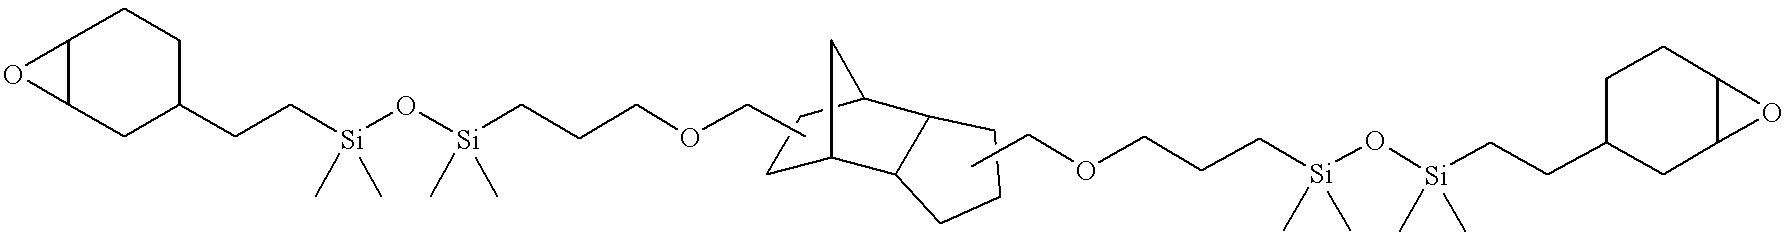 Figure US06245828-20010612-C00074